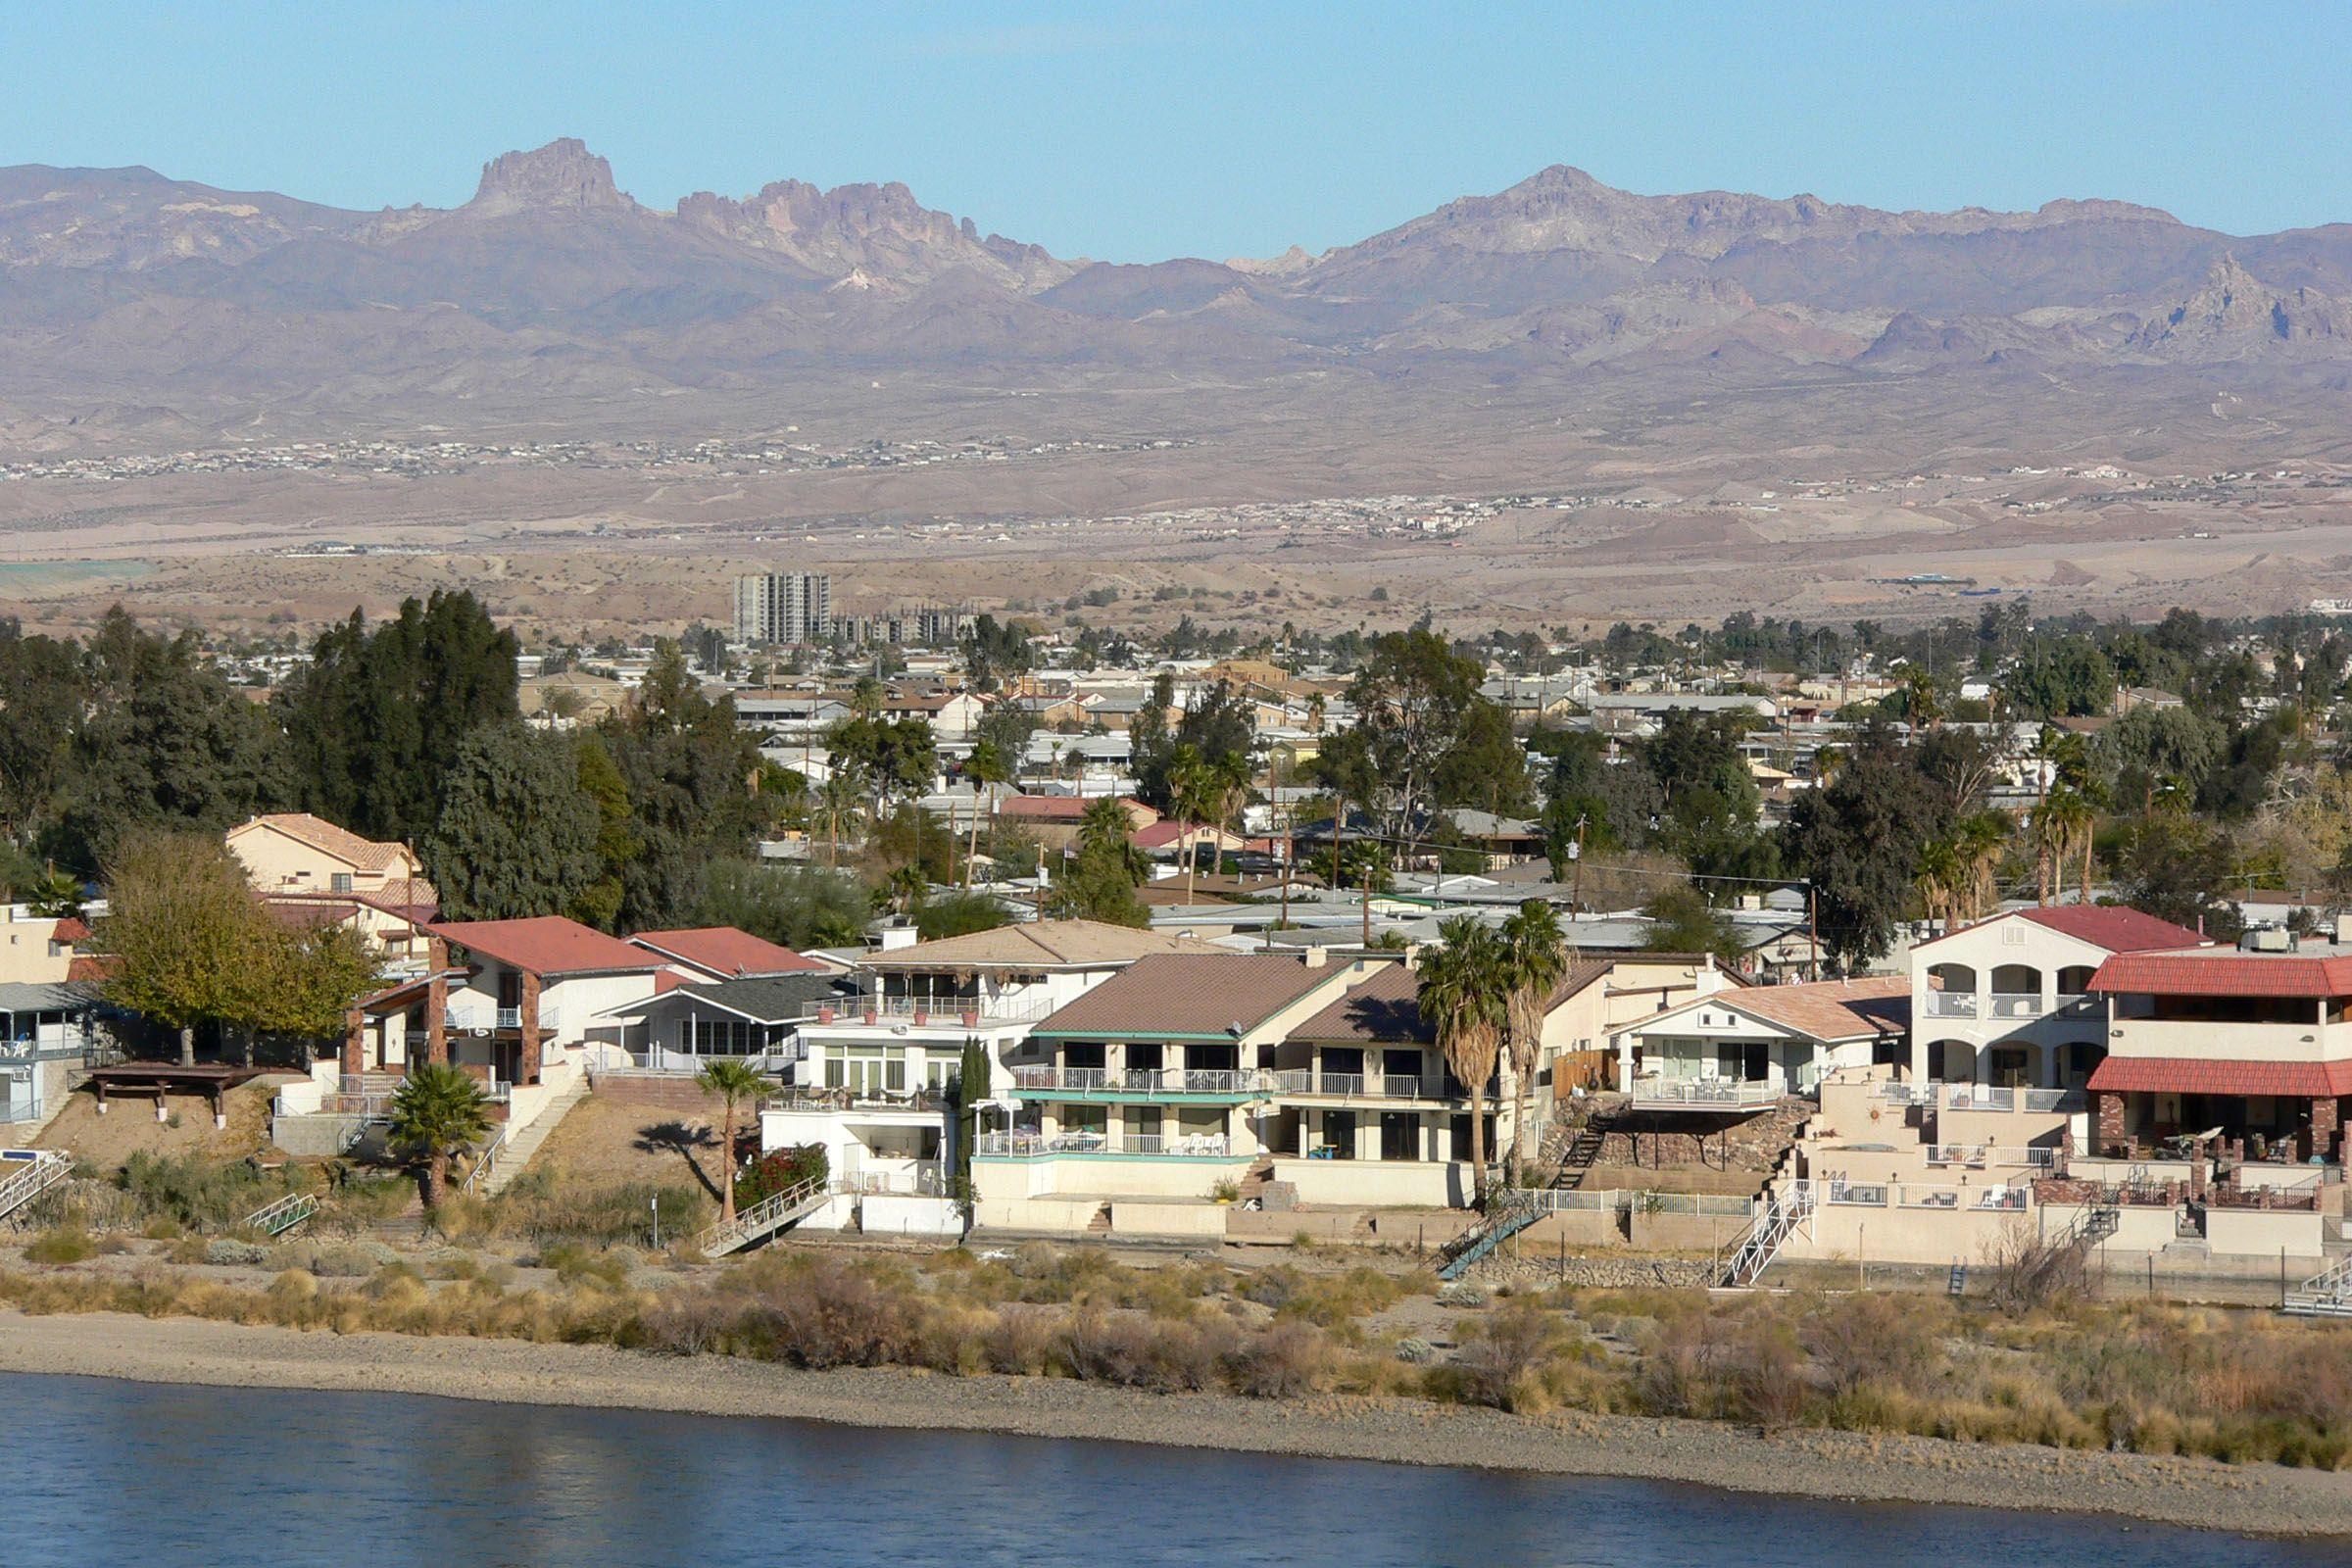 bullhead city arizona this is where mccandless had his job at